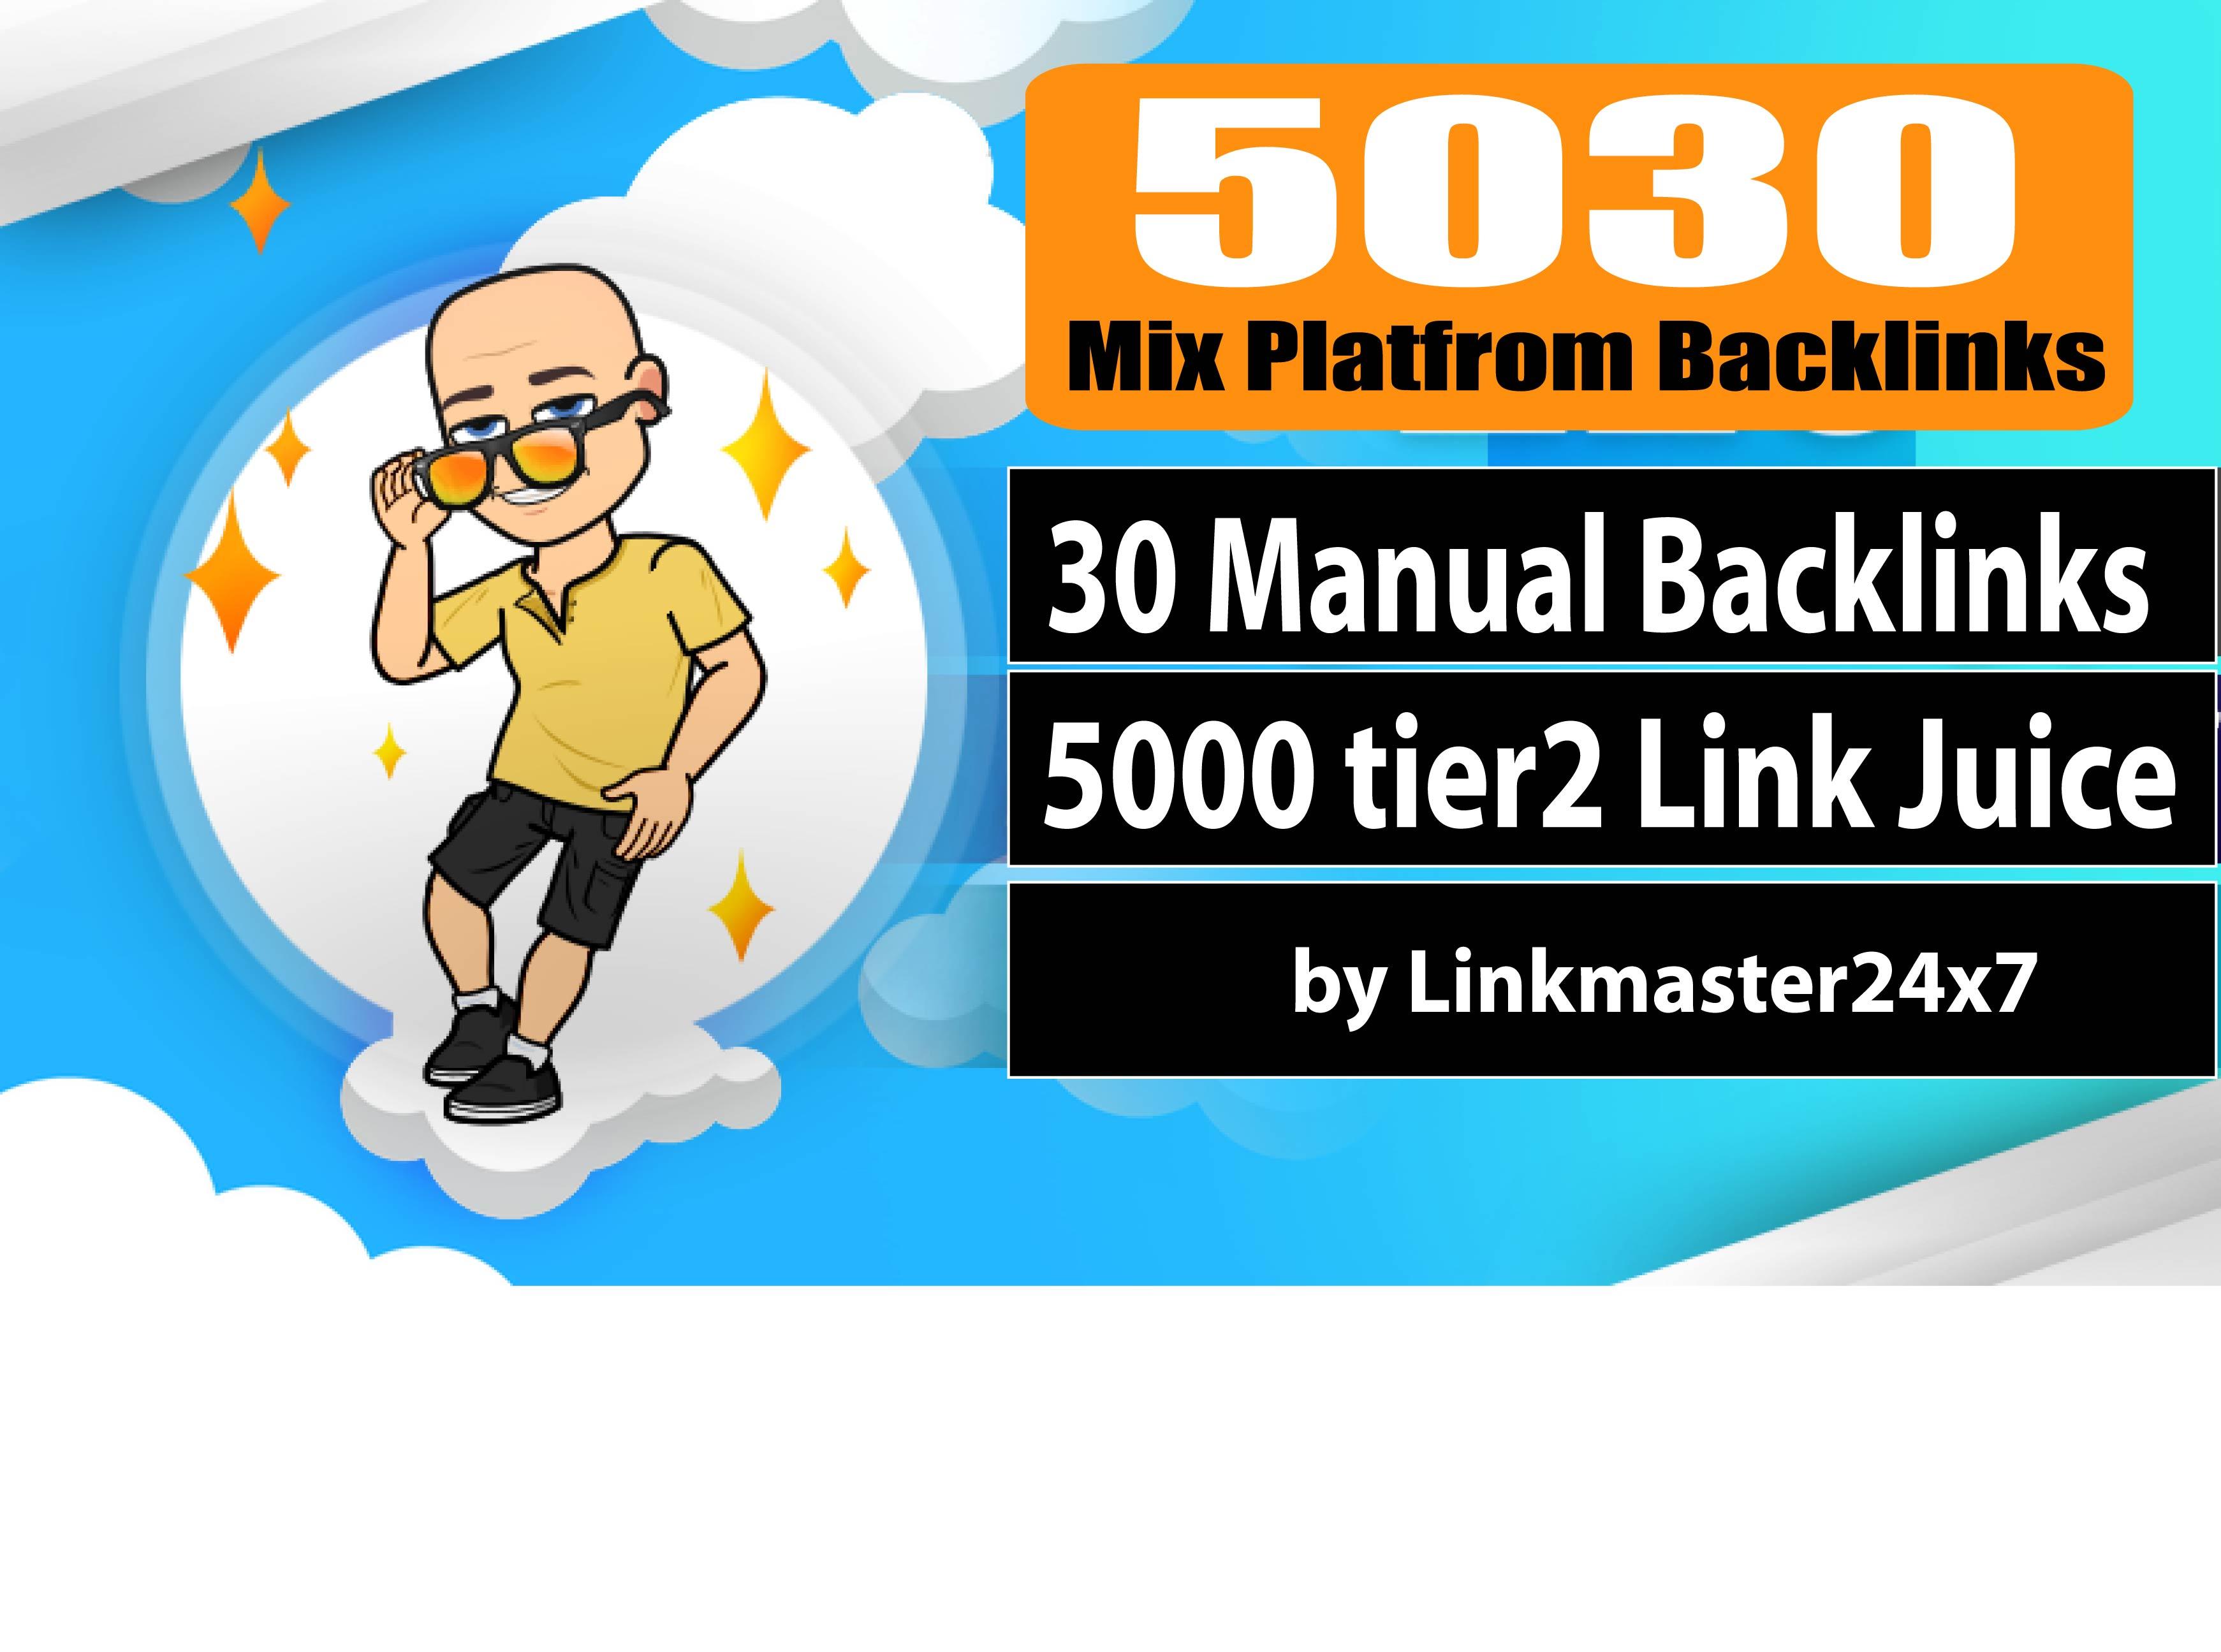 5030+ Mix Platform Backlinks Web2, Profile, Wiki, Bookmark, Edu-Gov And 5000+ Tier2 Link Juice